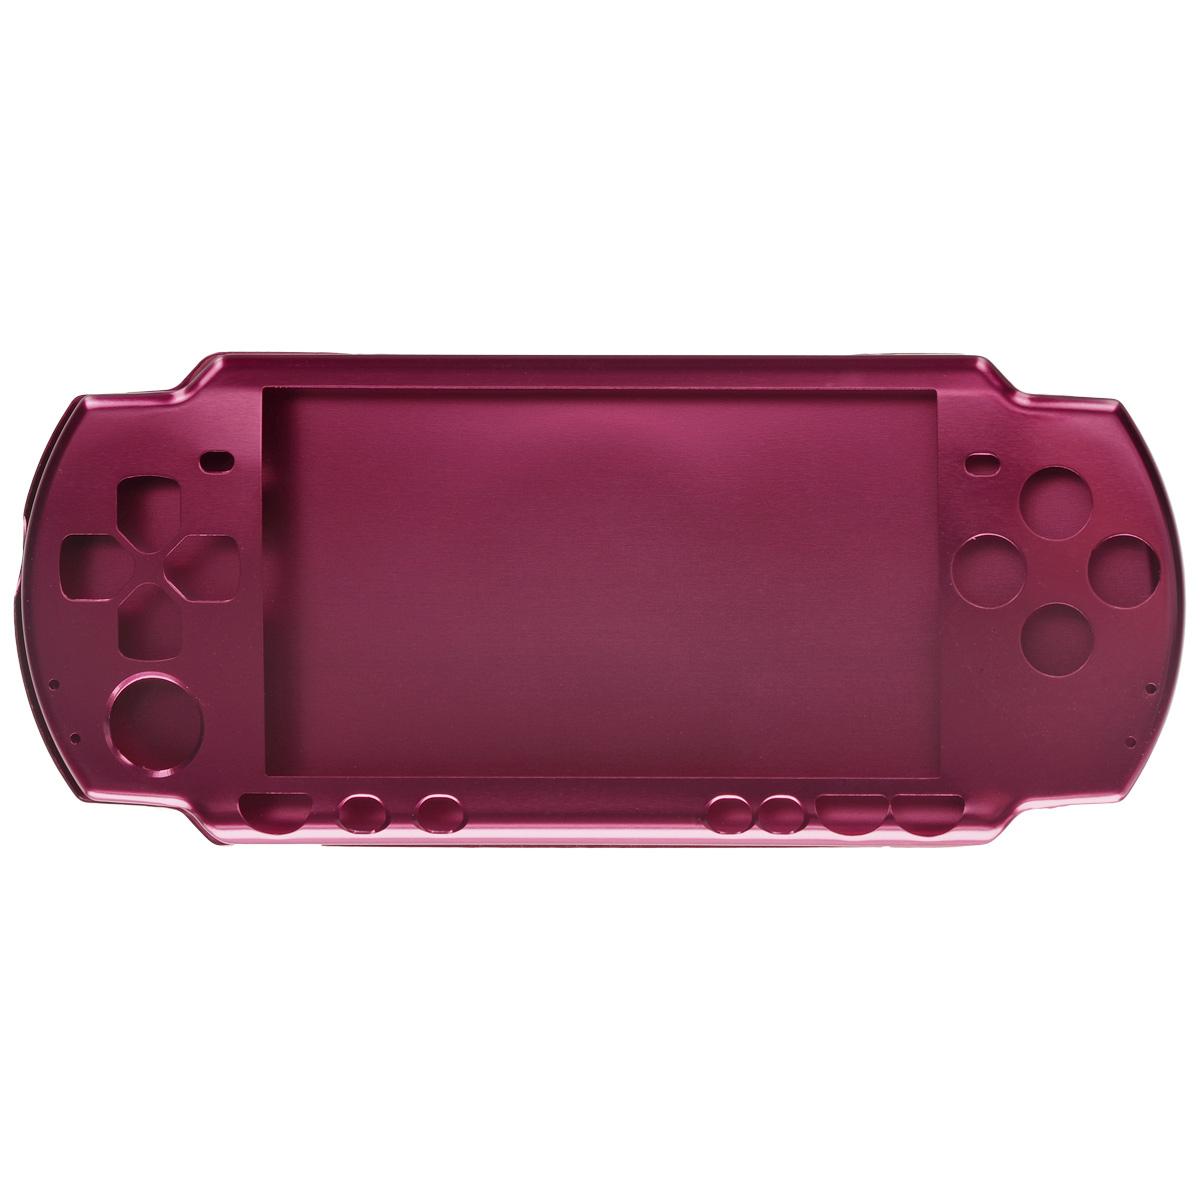 Алюминиевый защитный корпус Game Guru Luxе для Sony PSP 2000/3000 (бордо)PSP2000-Y028Алюминиевый защитный корпус Game Guru Luxе для Sony PSP 2000/3000 обеспечит сохранность вашей игровой приставки. Корпус, выполненный из сверхлегкого металла, обеспечит надежную защиту от царапин, трещин и сколов как во время работы, так и при перевозке, а также сделает использование гаджета более комфортным благодаря свободному доступу ко всем функциональным кнопкам.